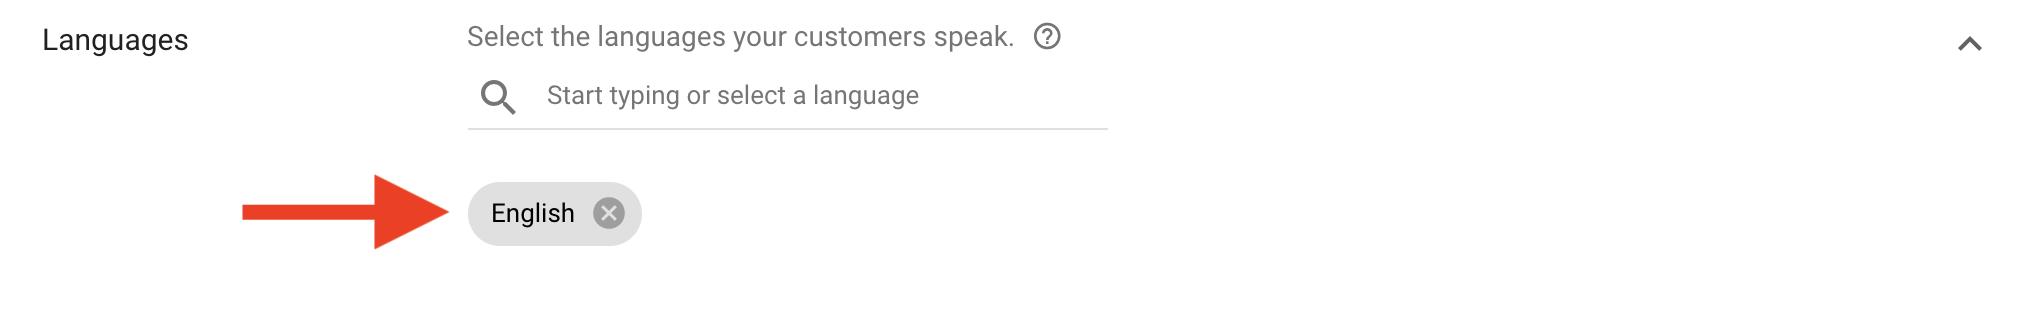 8 Select languages spoken